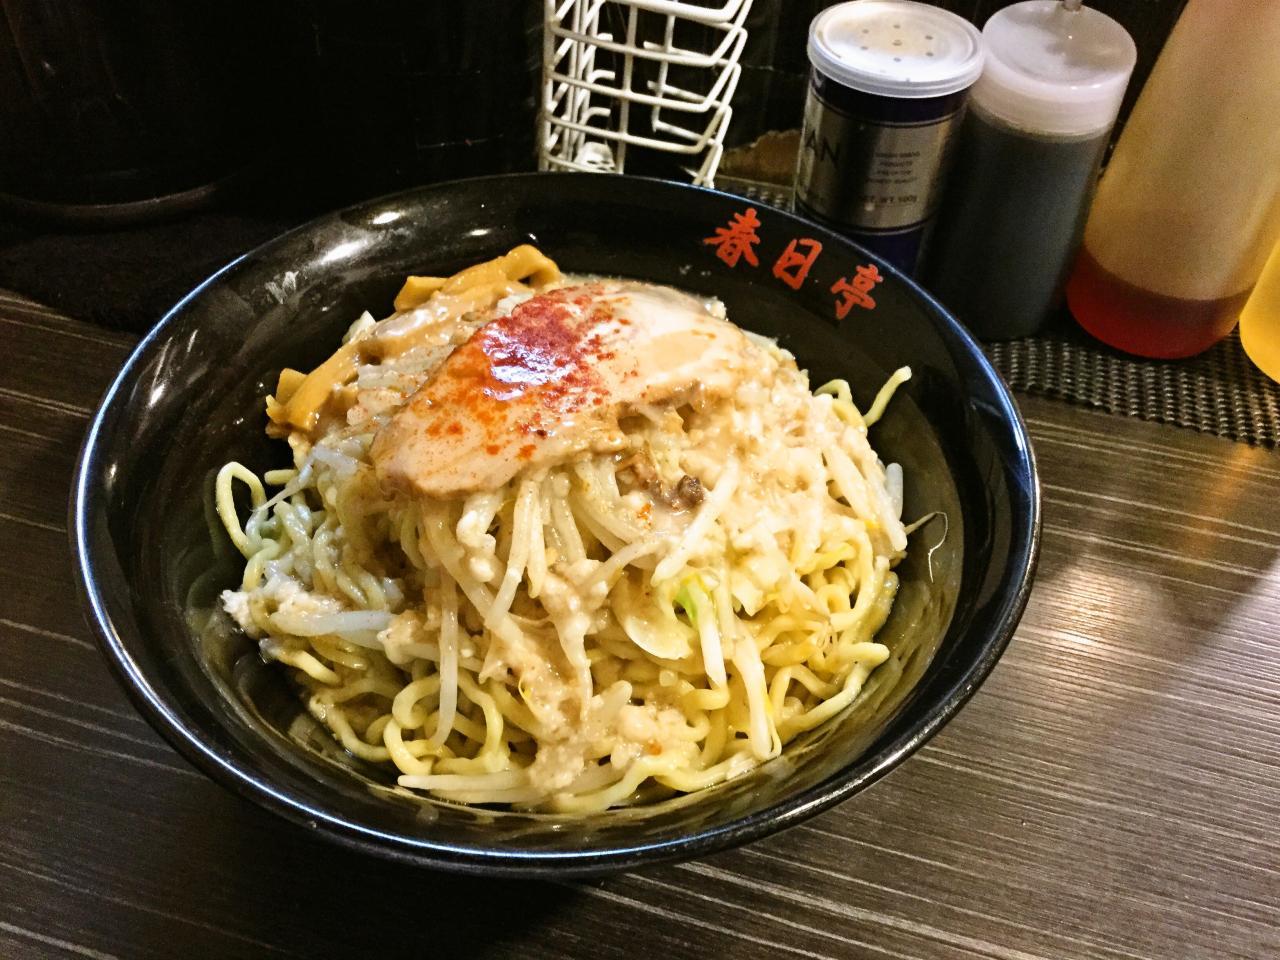 油そば 春日亭 渋谷店(チャレンジ)